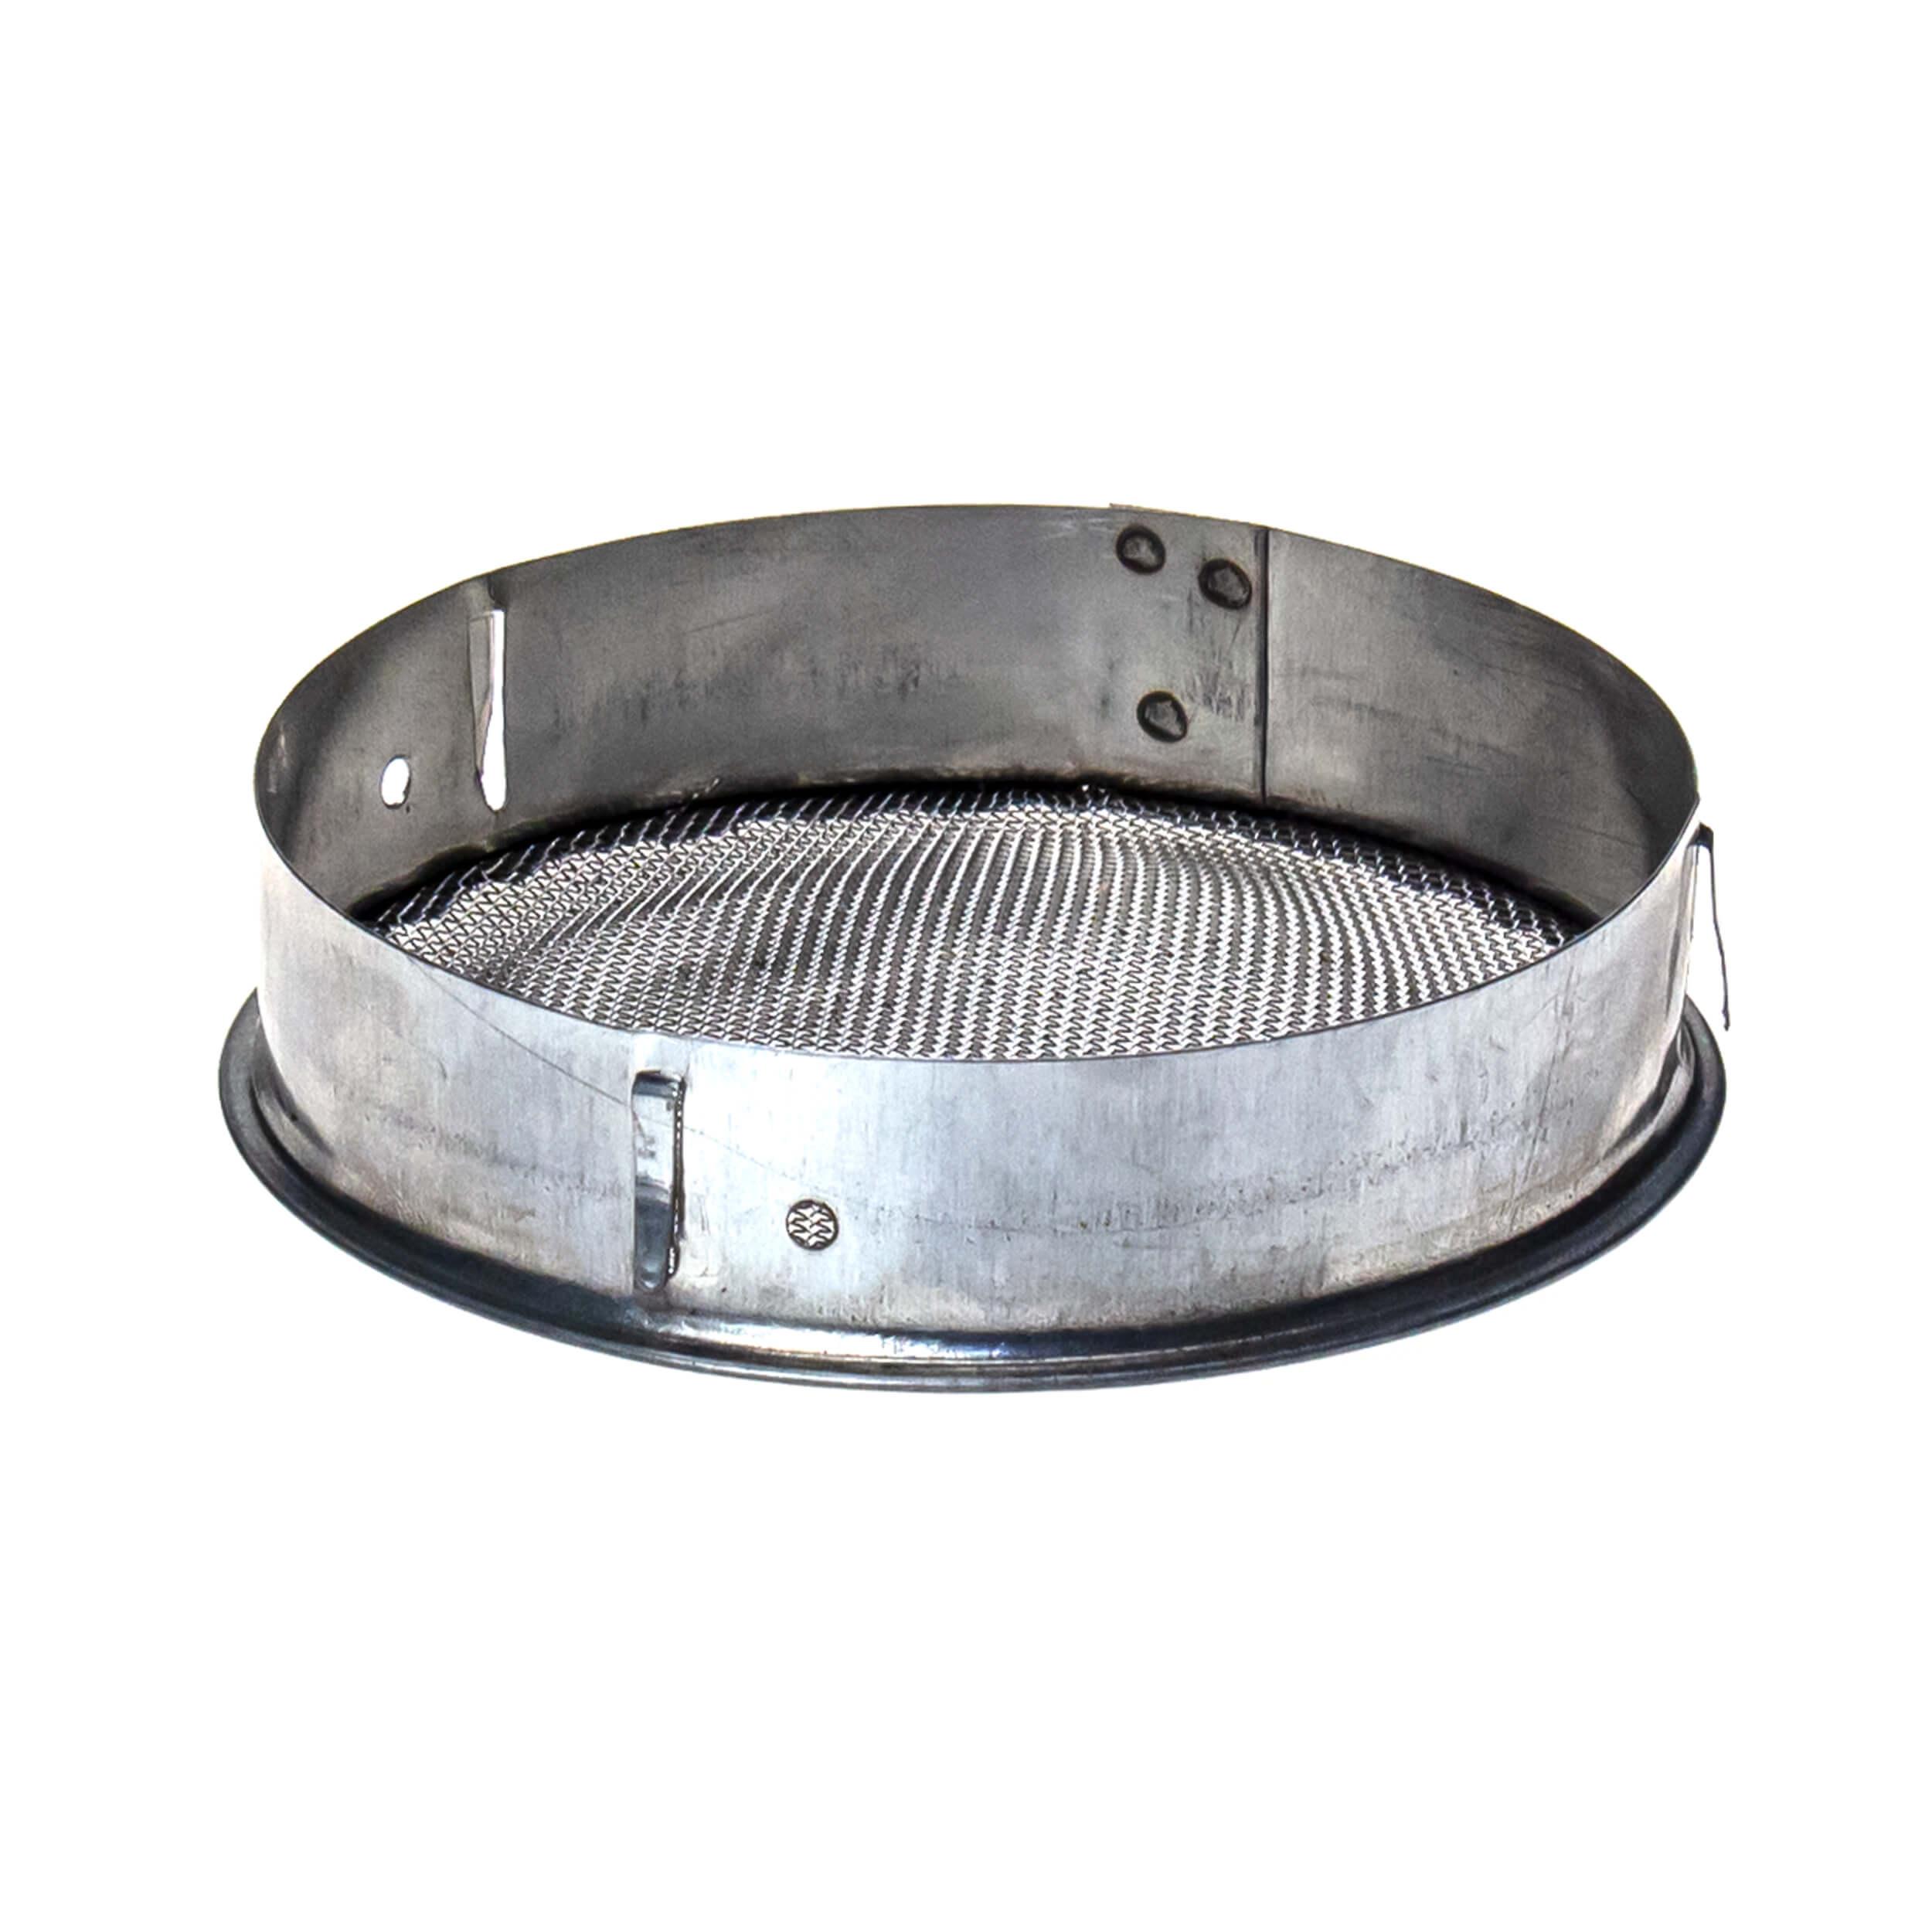 Колпачок D-95 маточный круглый (оцинковка + сетка нержавейка) фото